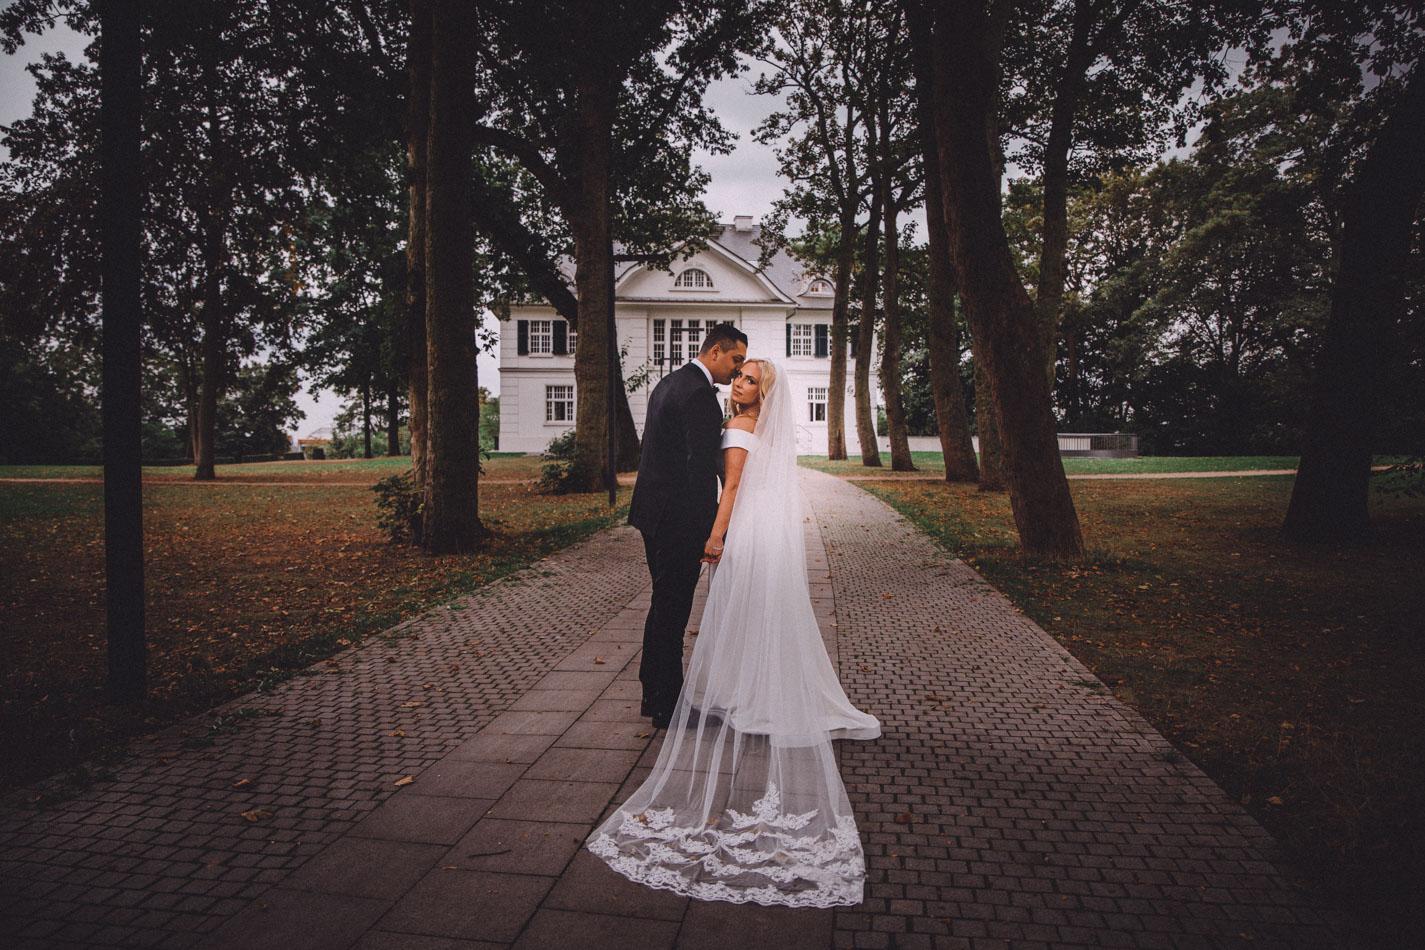 Villa im Heinepark Hochzeitsfotoshooting